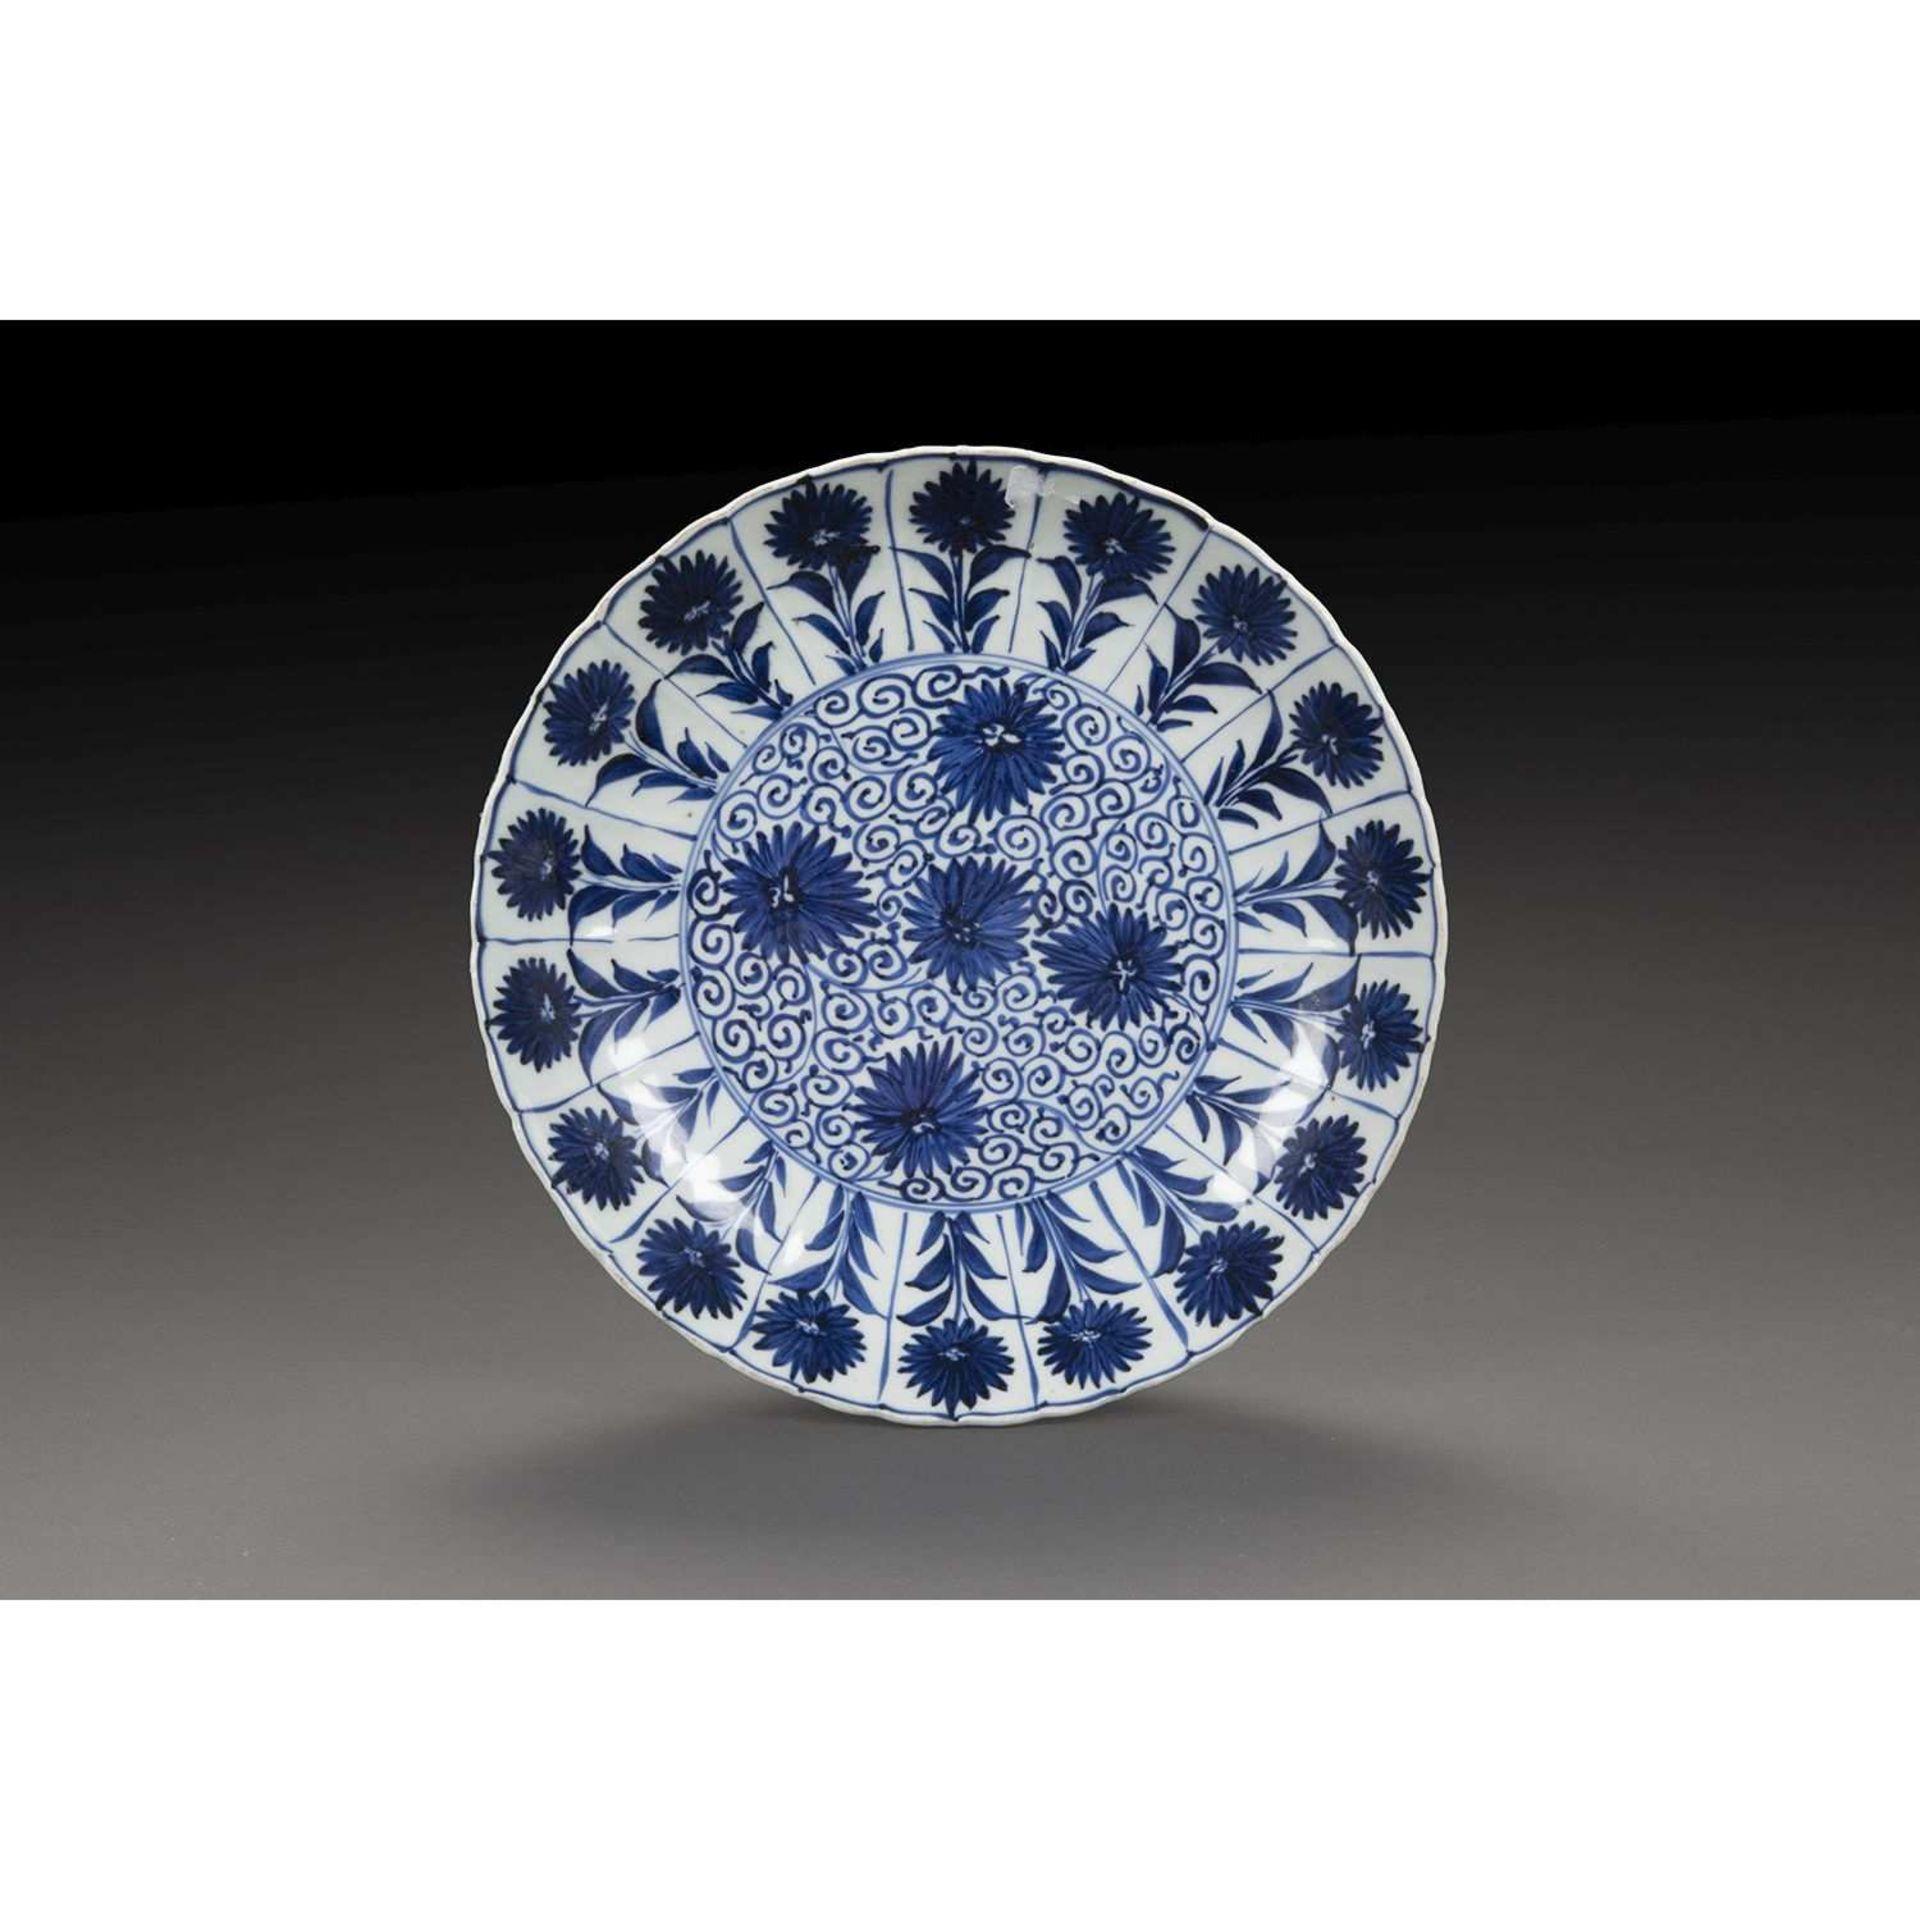 PLAT CREUX en porcelaine et bleu de cobalt sous couverte, de forme circulaire, à décor sur le